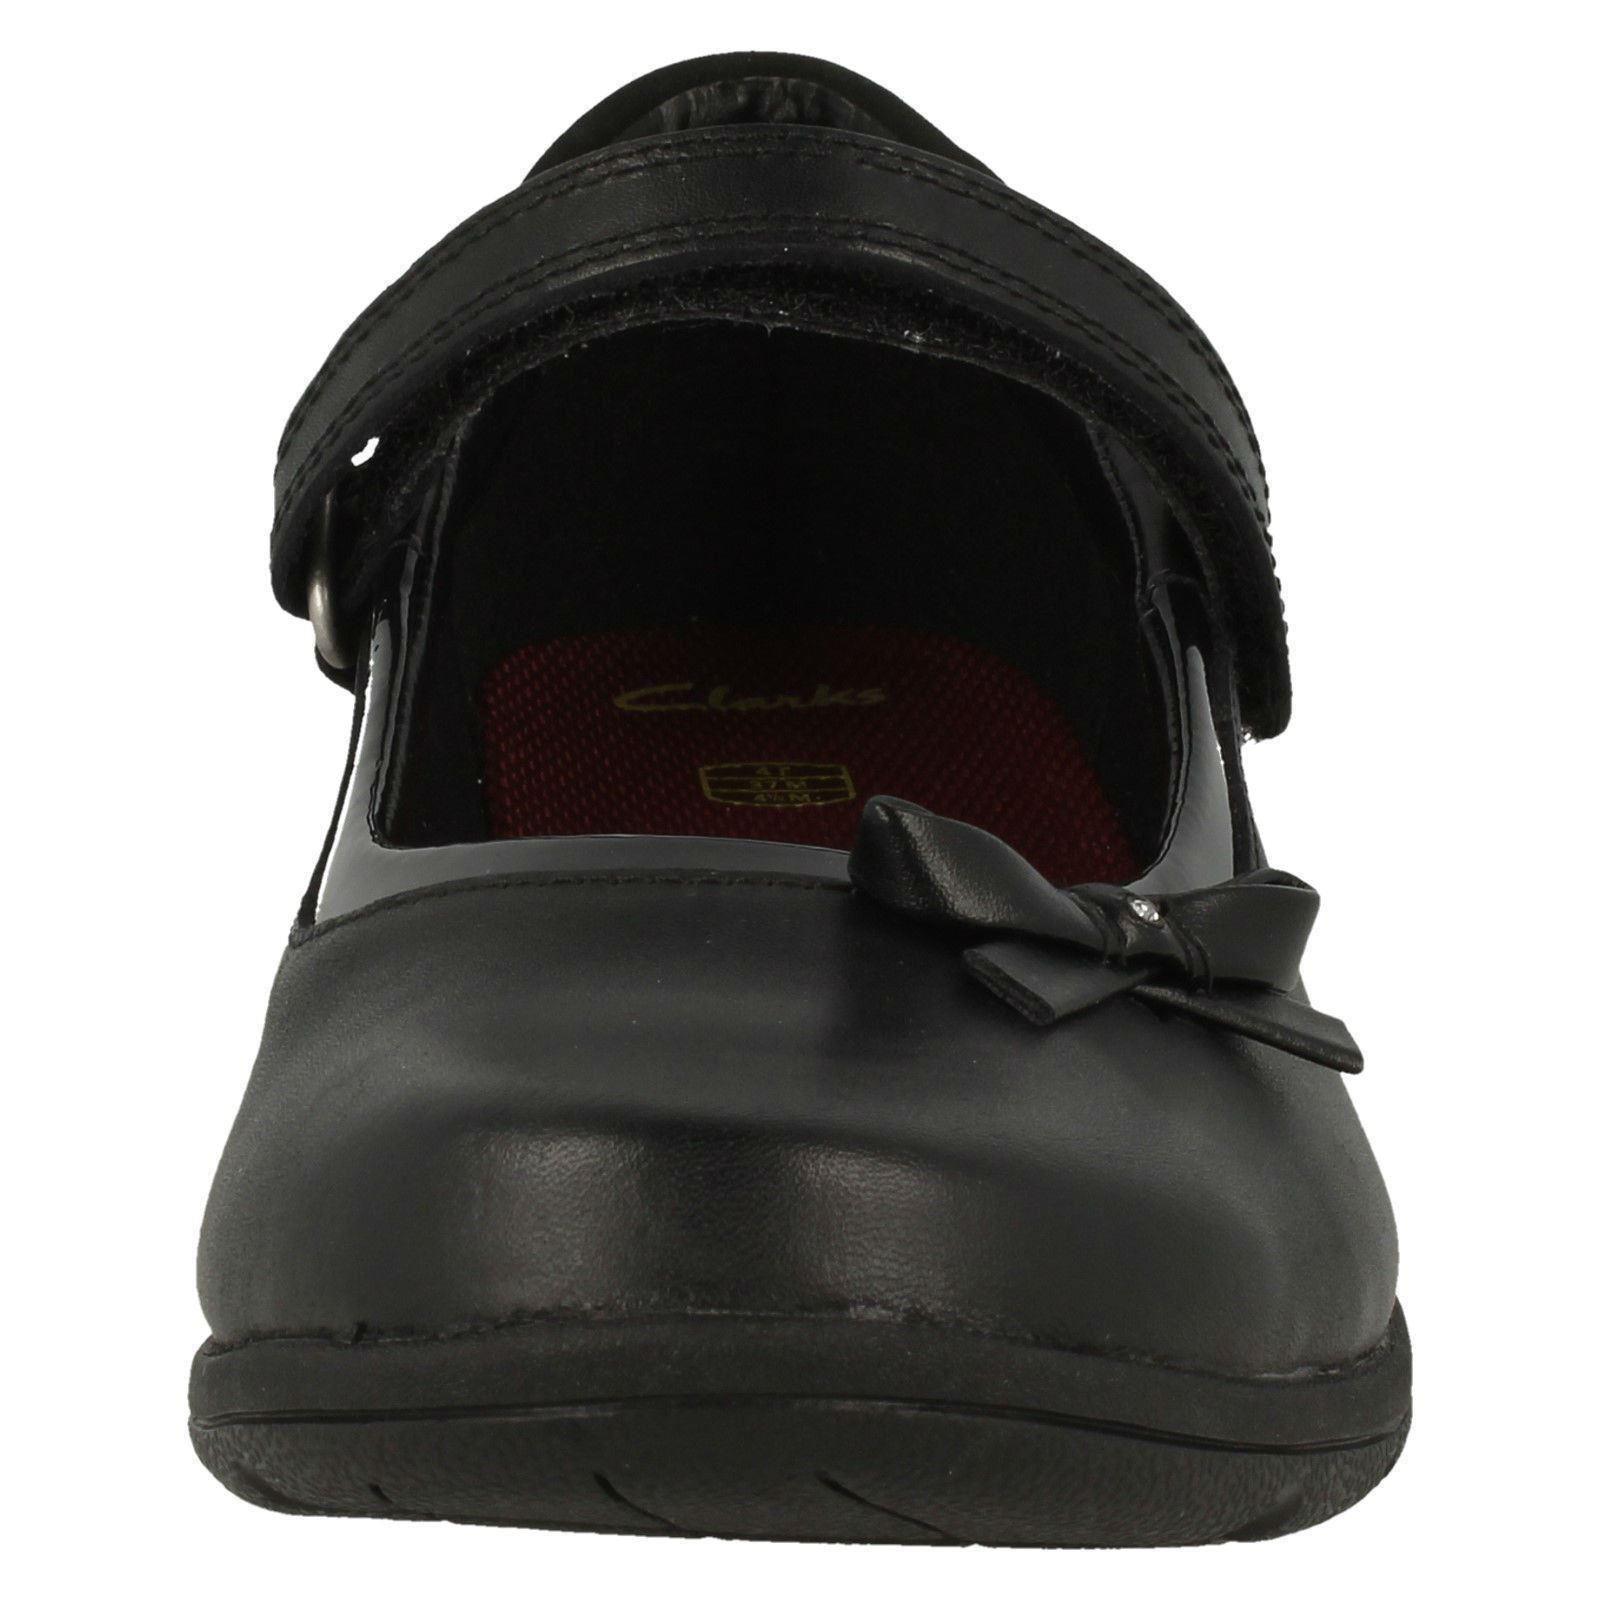 Clarks Girls Hook /& Loop Bow School Shoes Venture Star